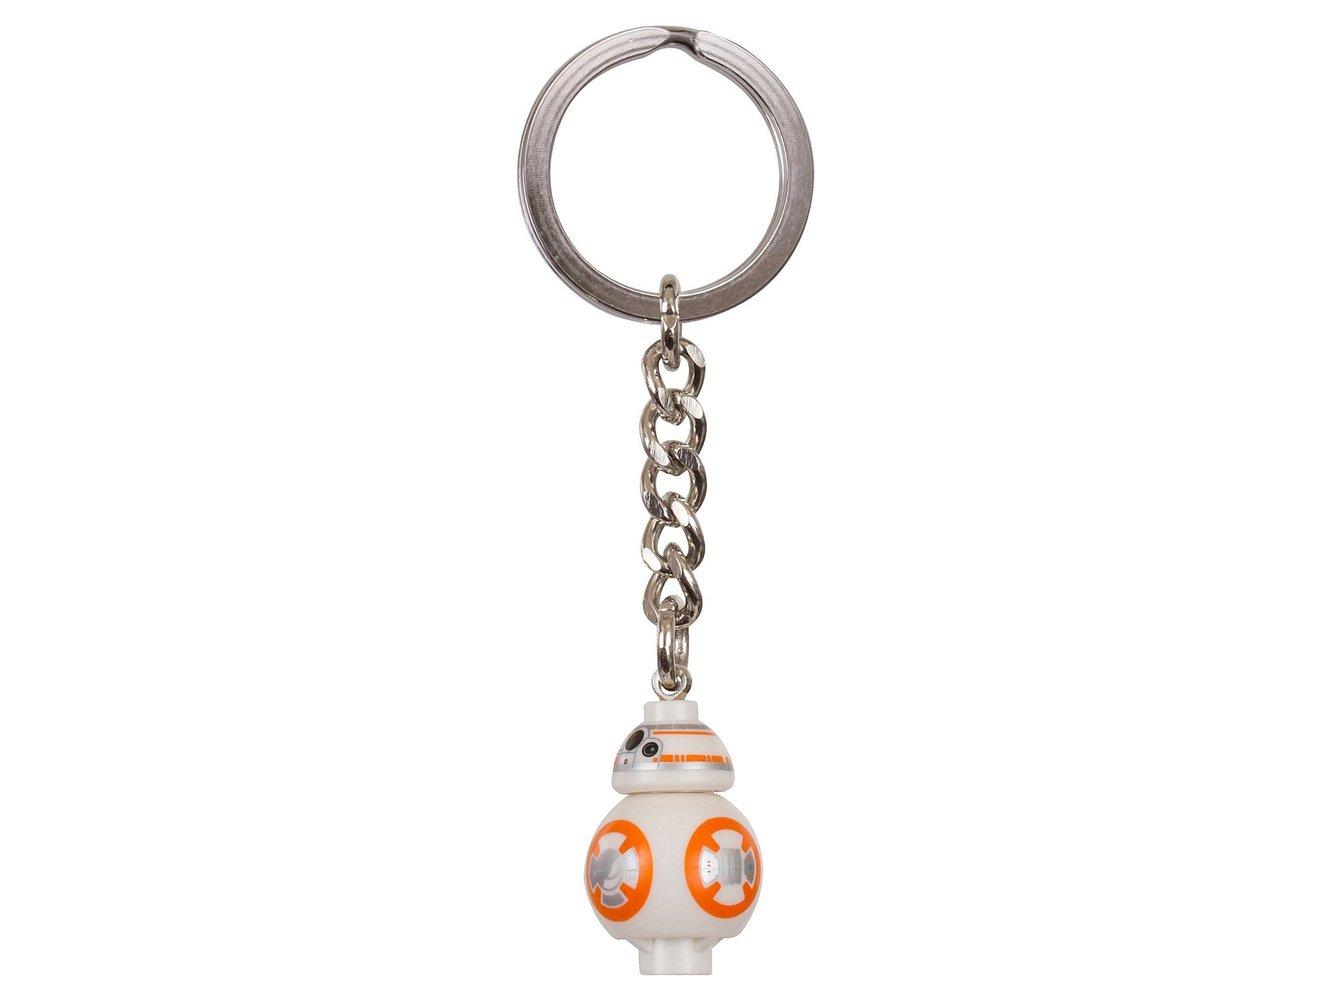 BB-8 Key Chain